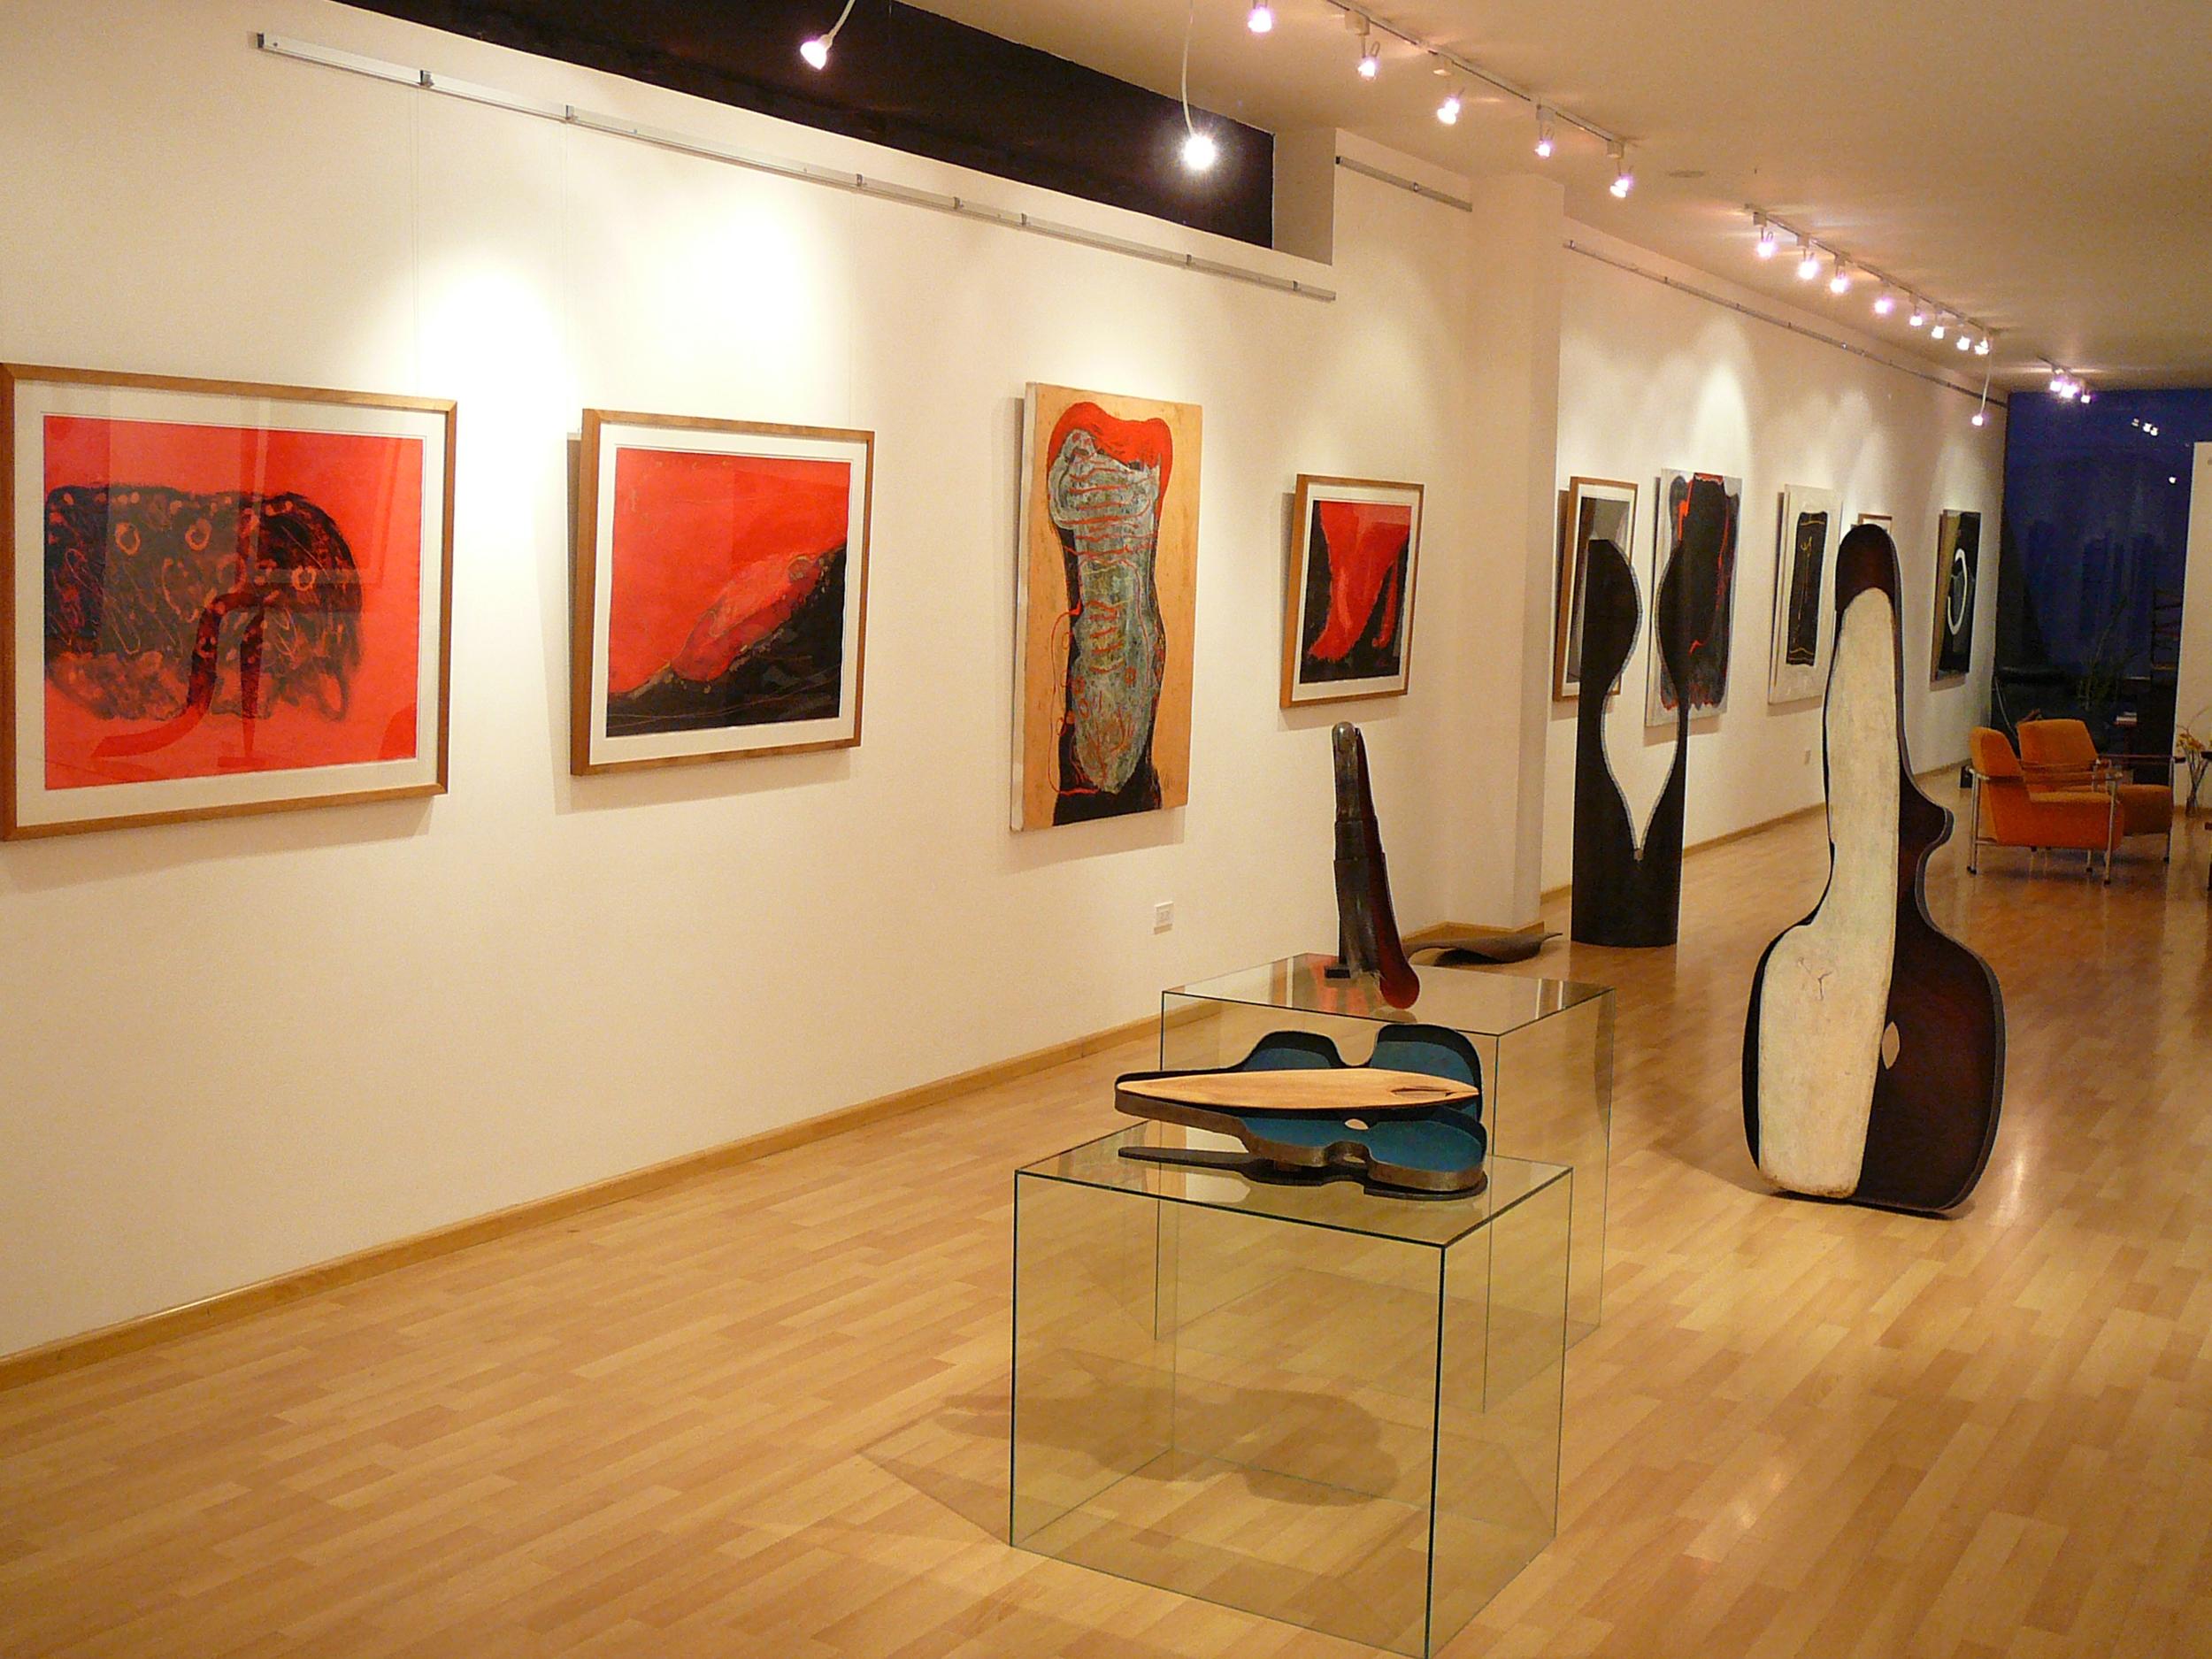 Exposición Unda y Baca mayo 2013 079.JPG